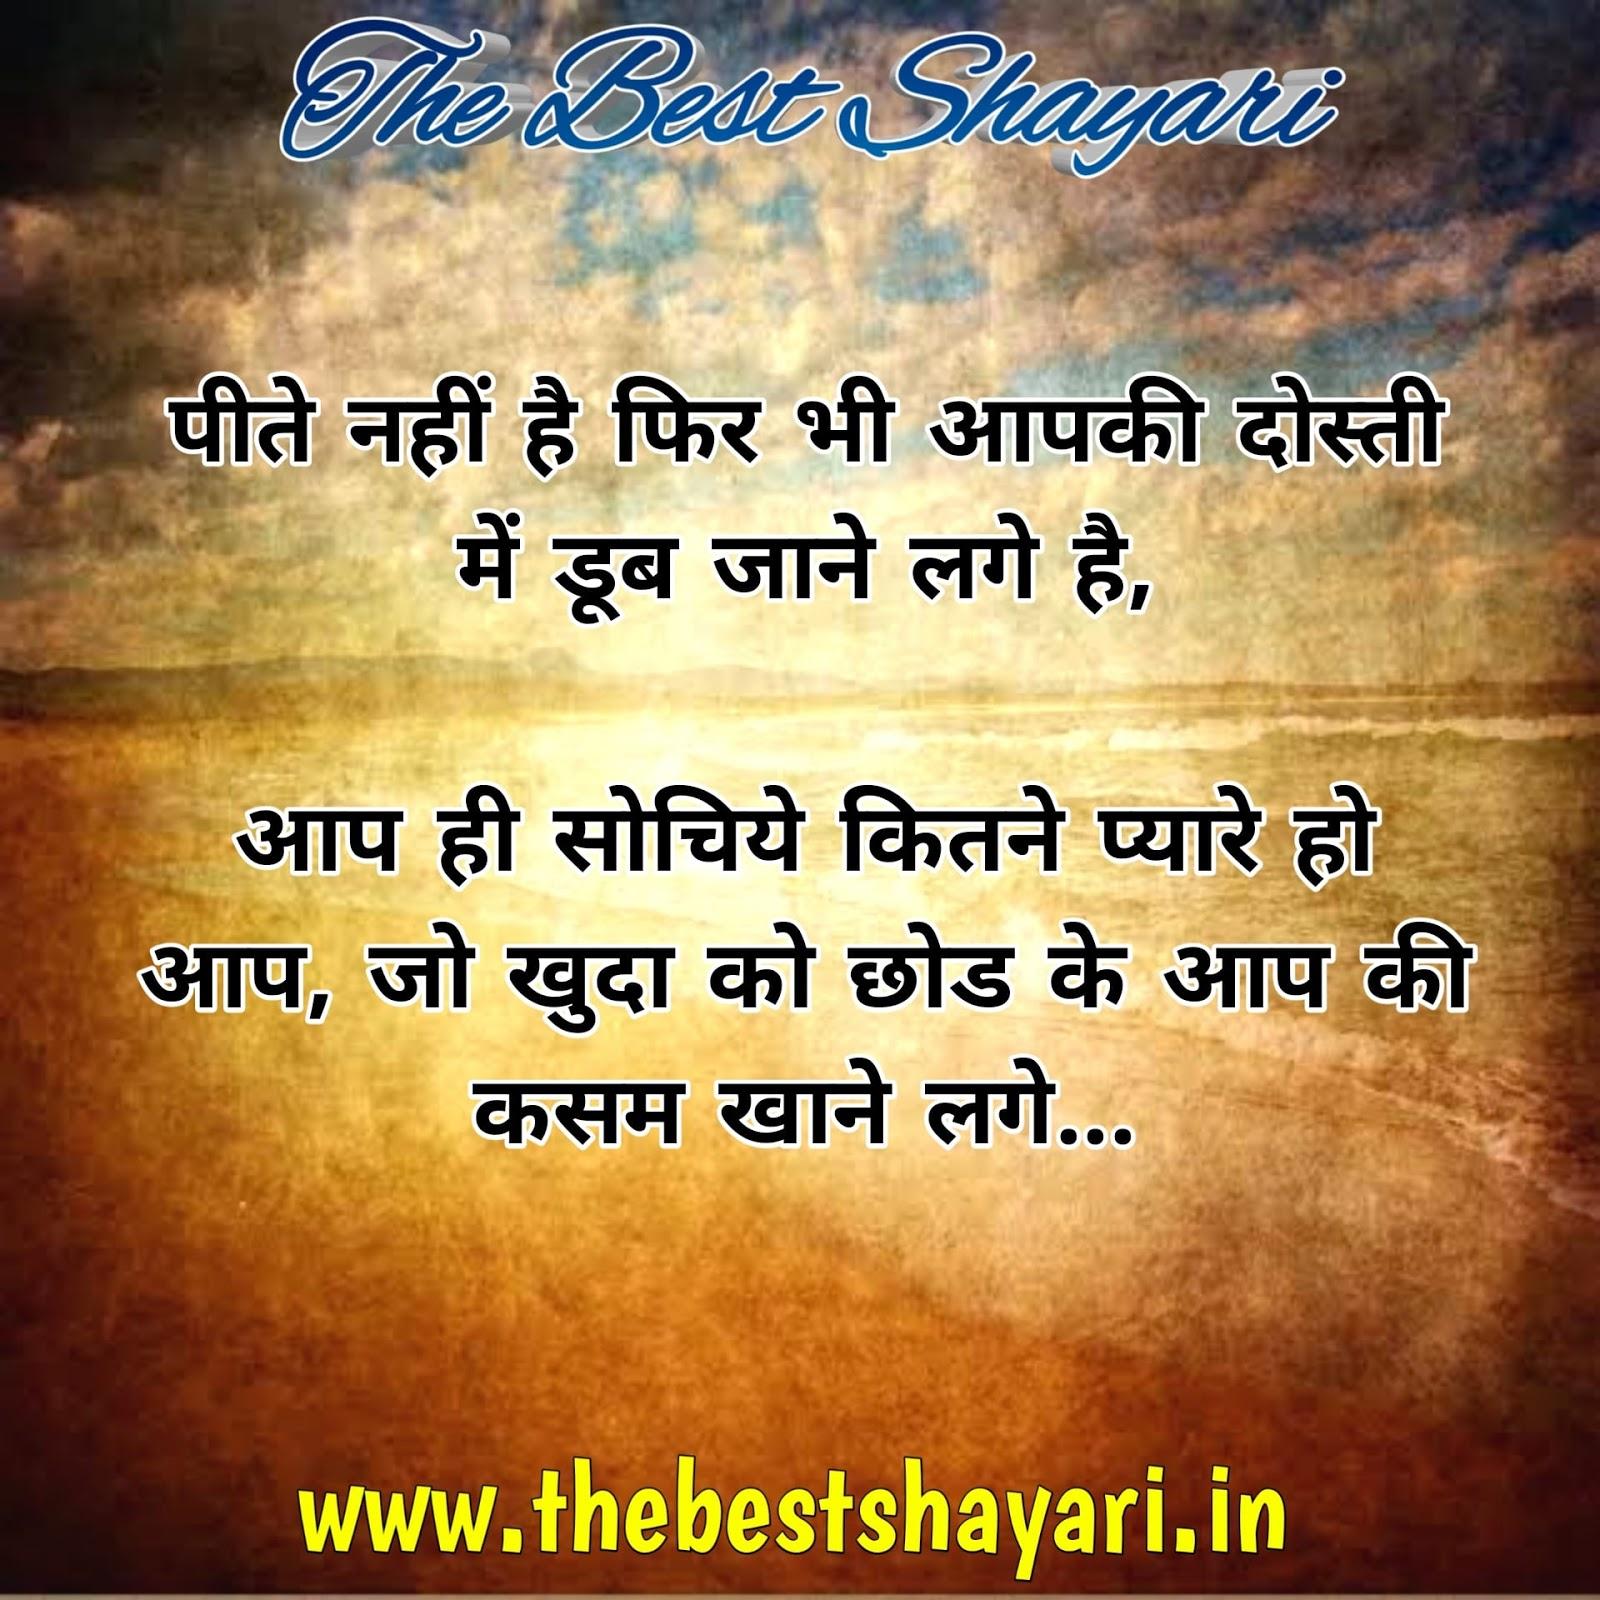 Shayari on dosti in hindi